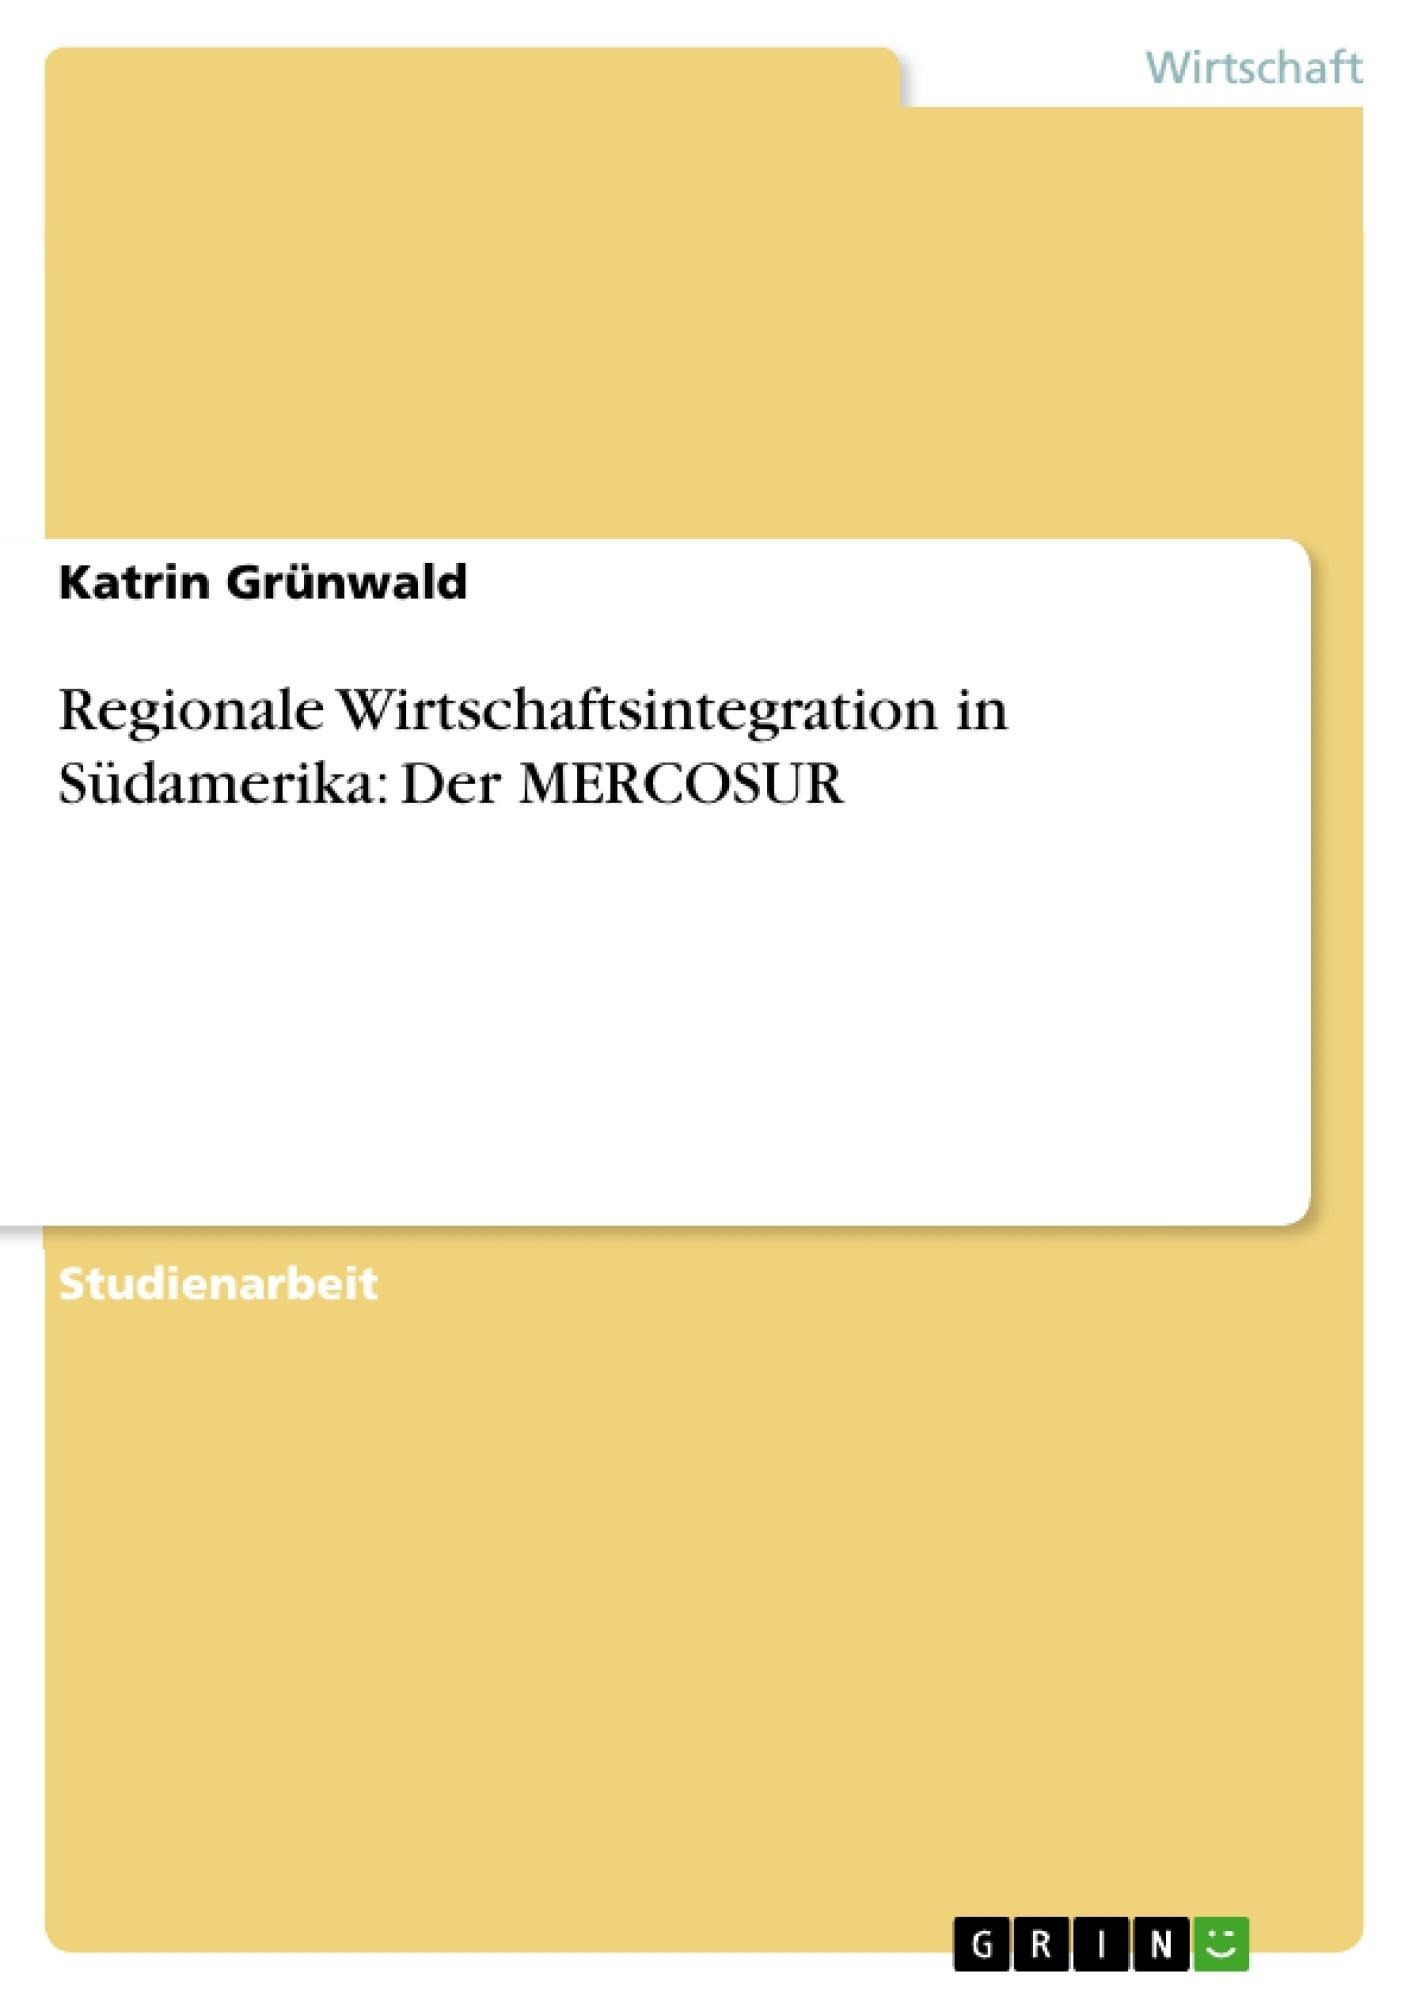 Titel: Regionale Wirtschaftsintegration in Südamerika: Der MERCOSUR